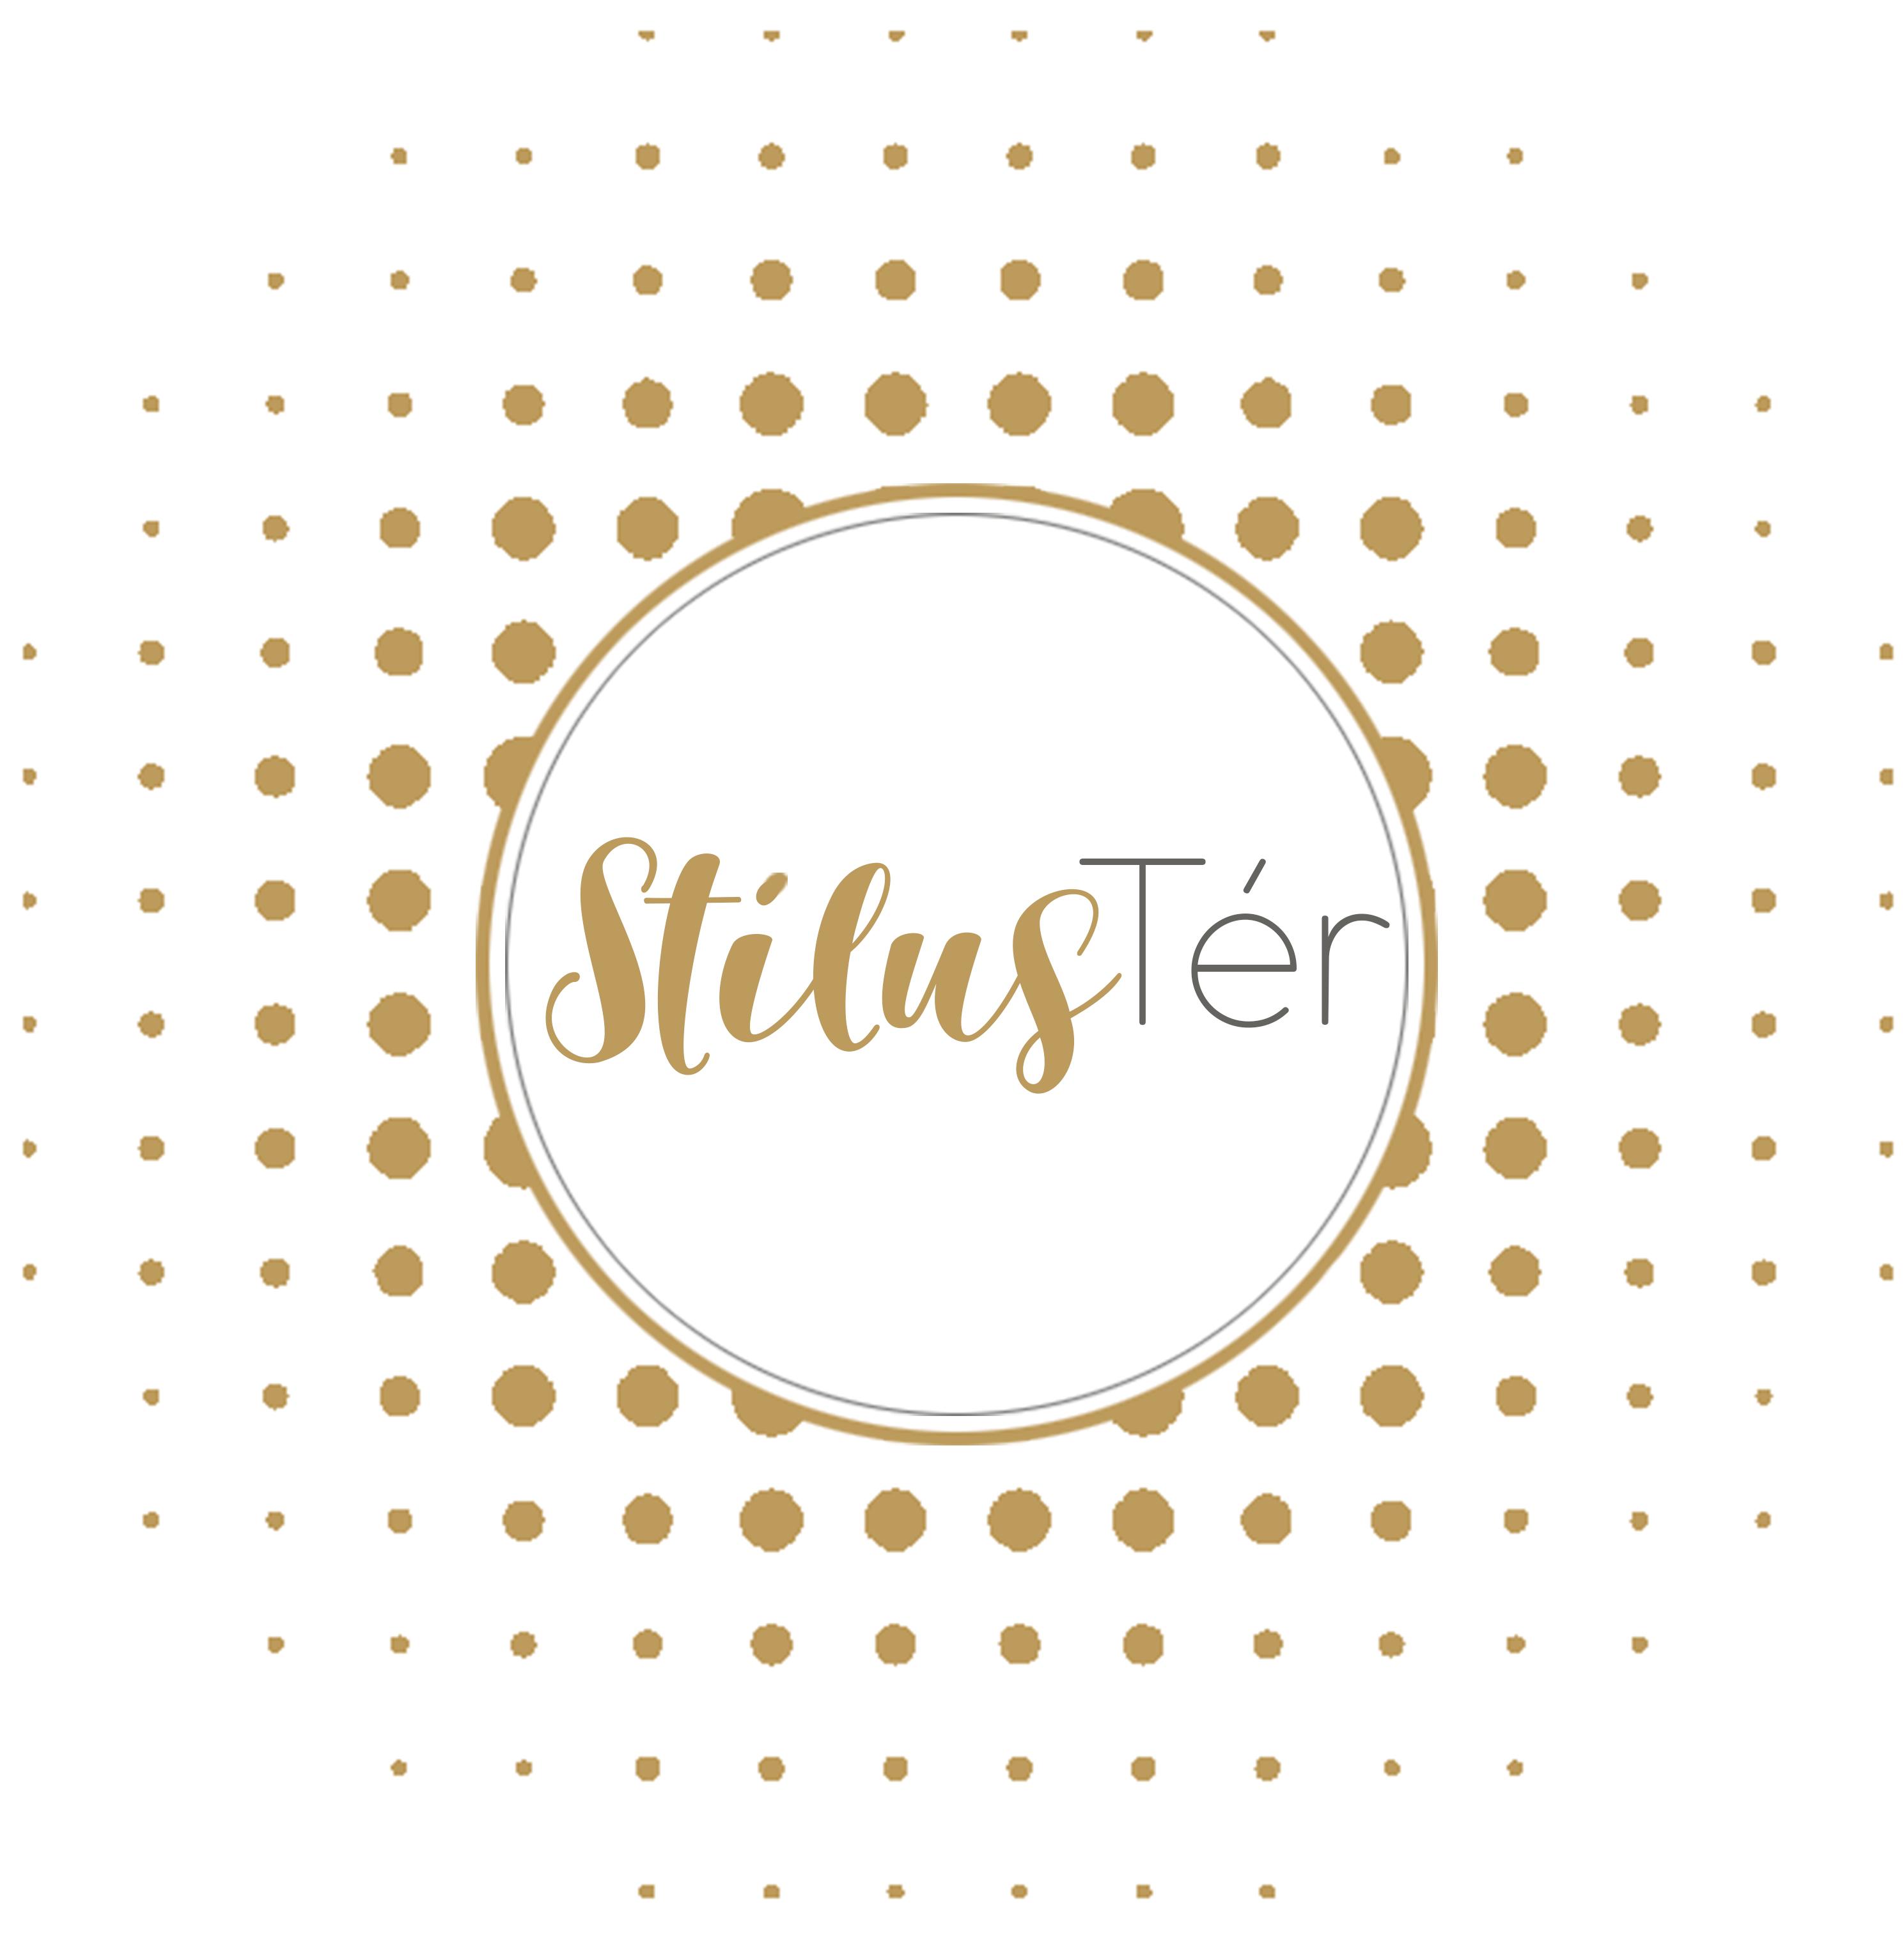 stiluster_logo_vegleges.jpg